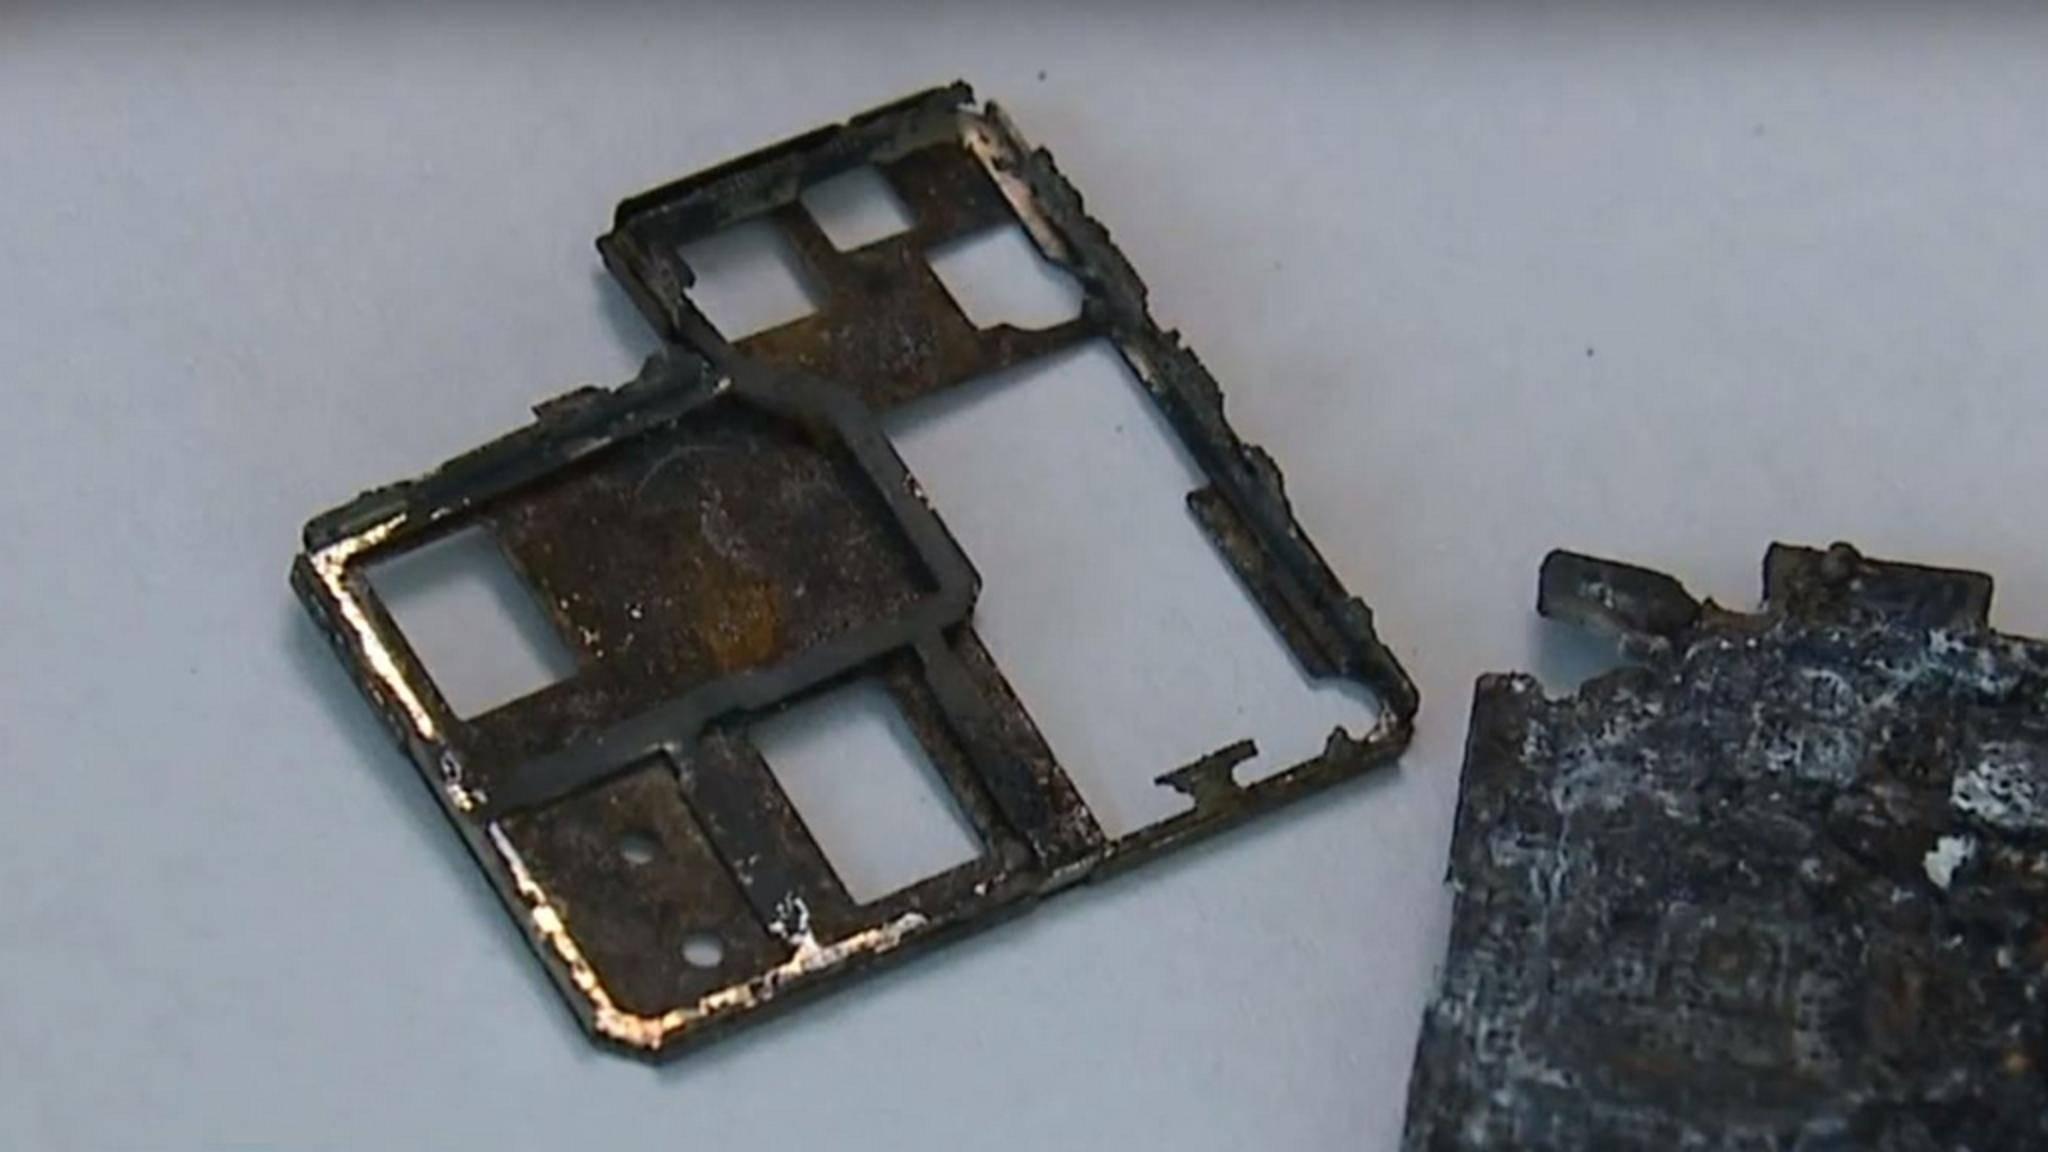 Die verkohlten Überreste eines Smartphones.